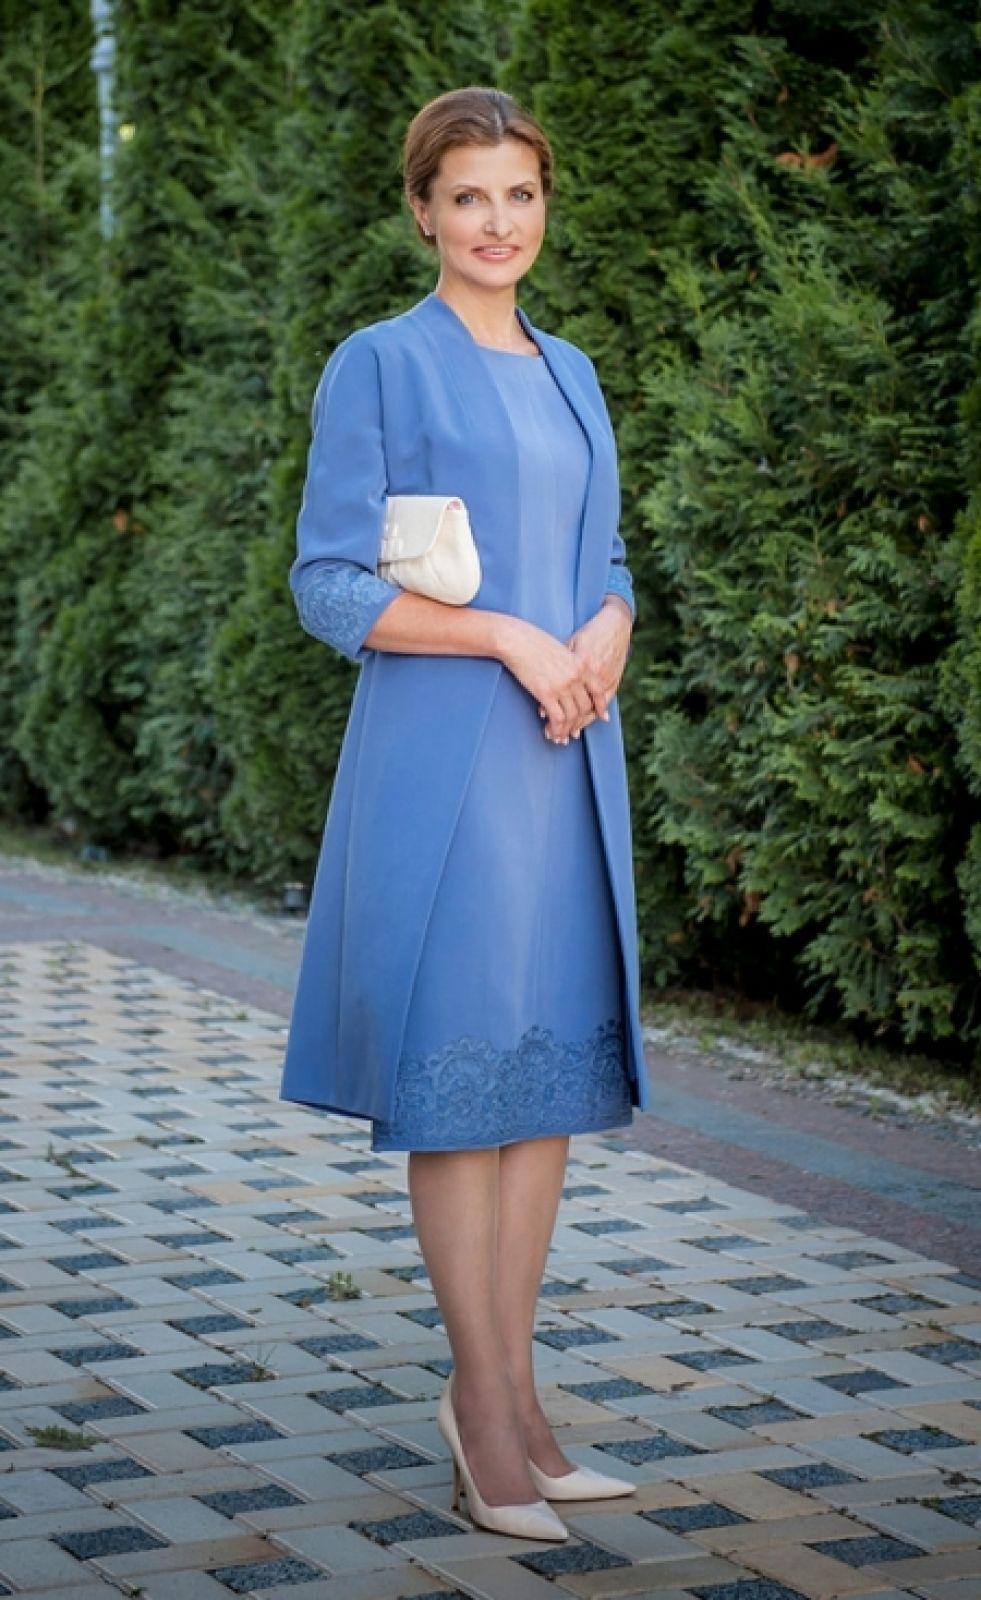 Среди любимых цветов в одежде, Марина еще предпочитает одеваться в оттенки синего и голубого